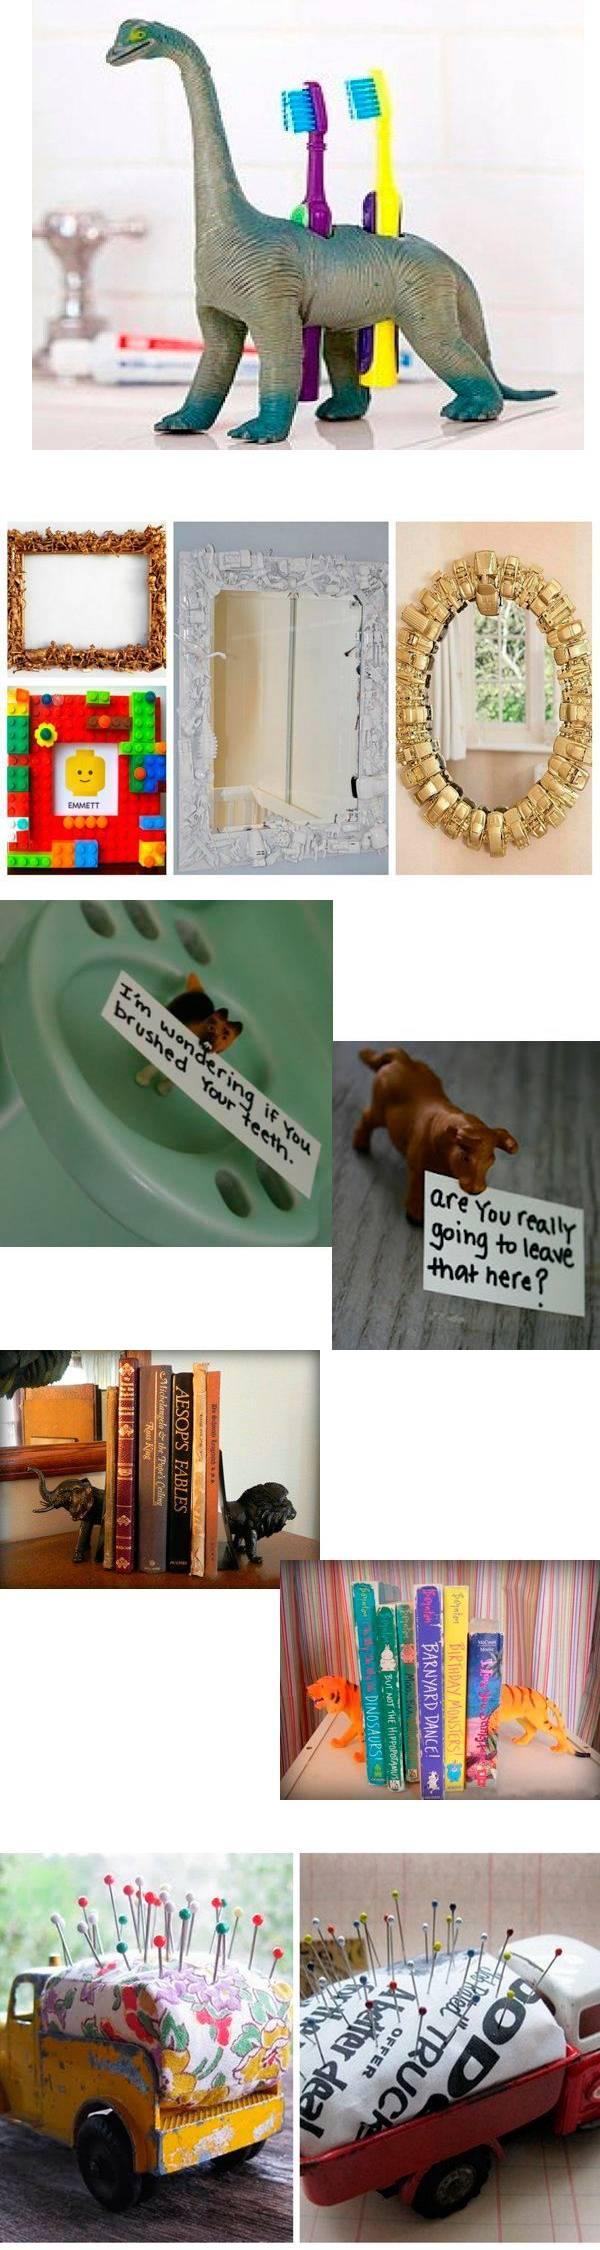 Новая жизнь старых игрушек - 16 идей